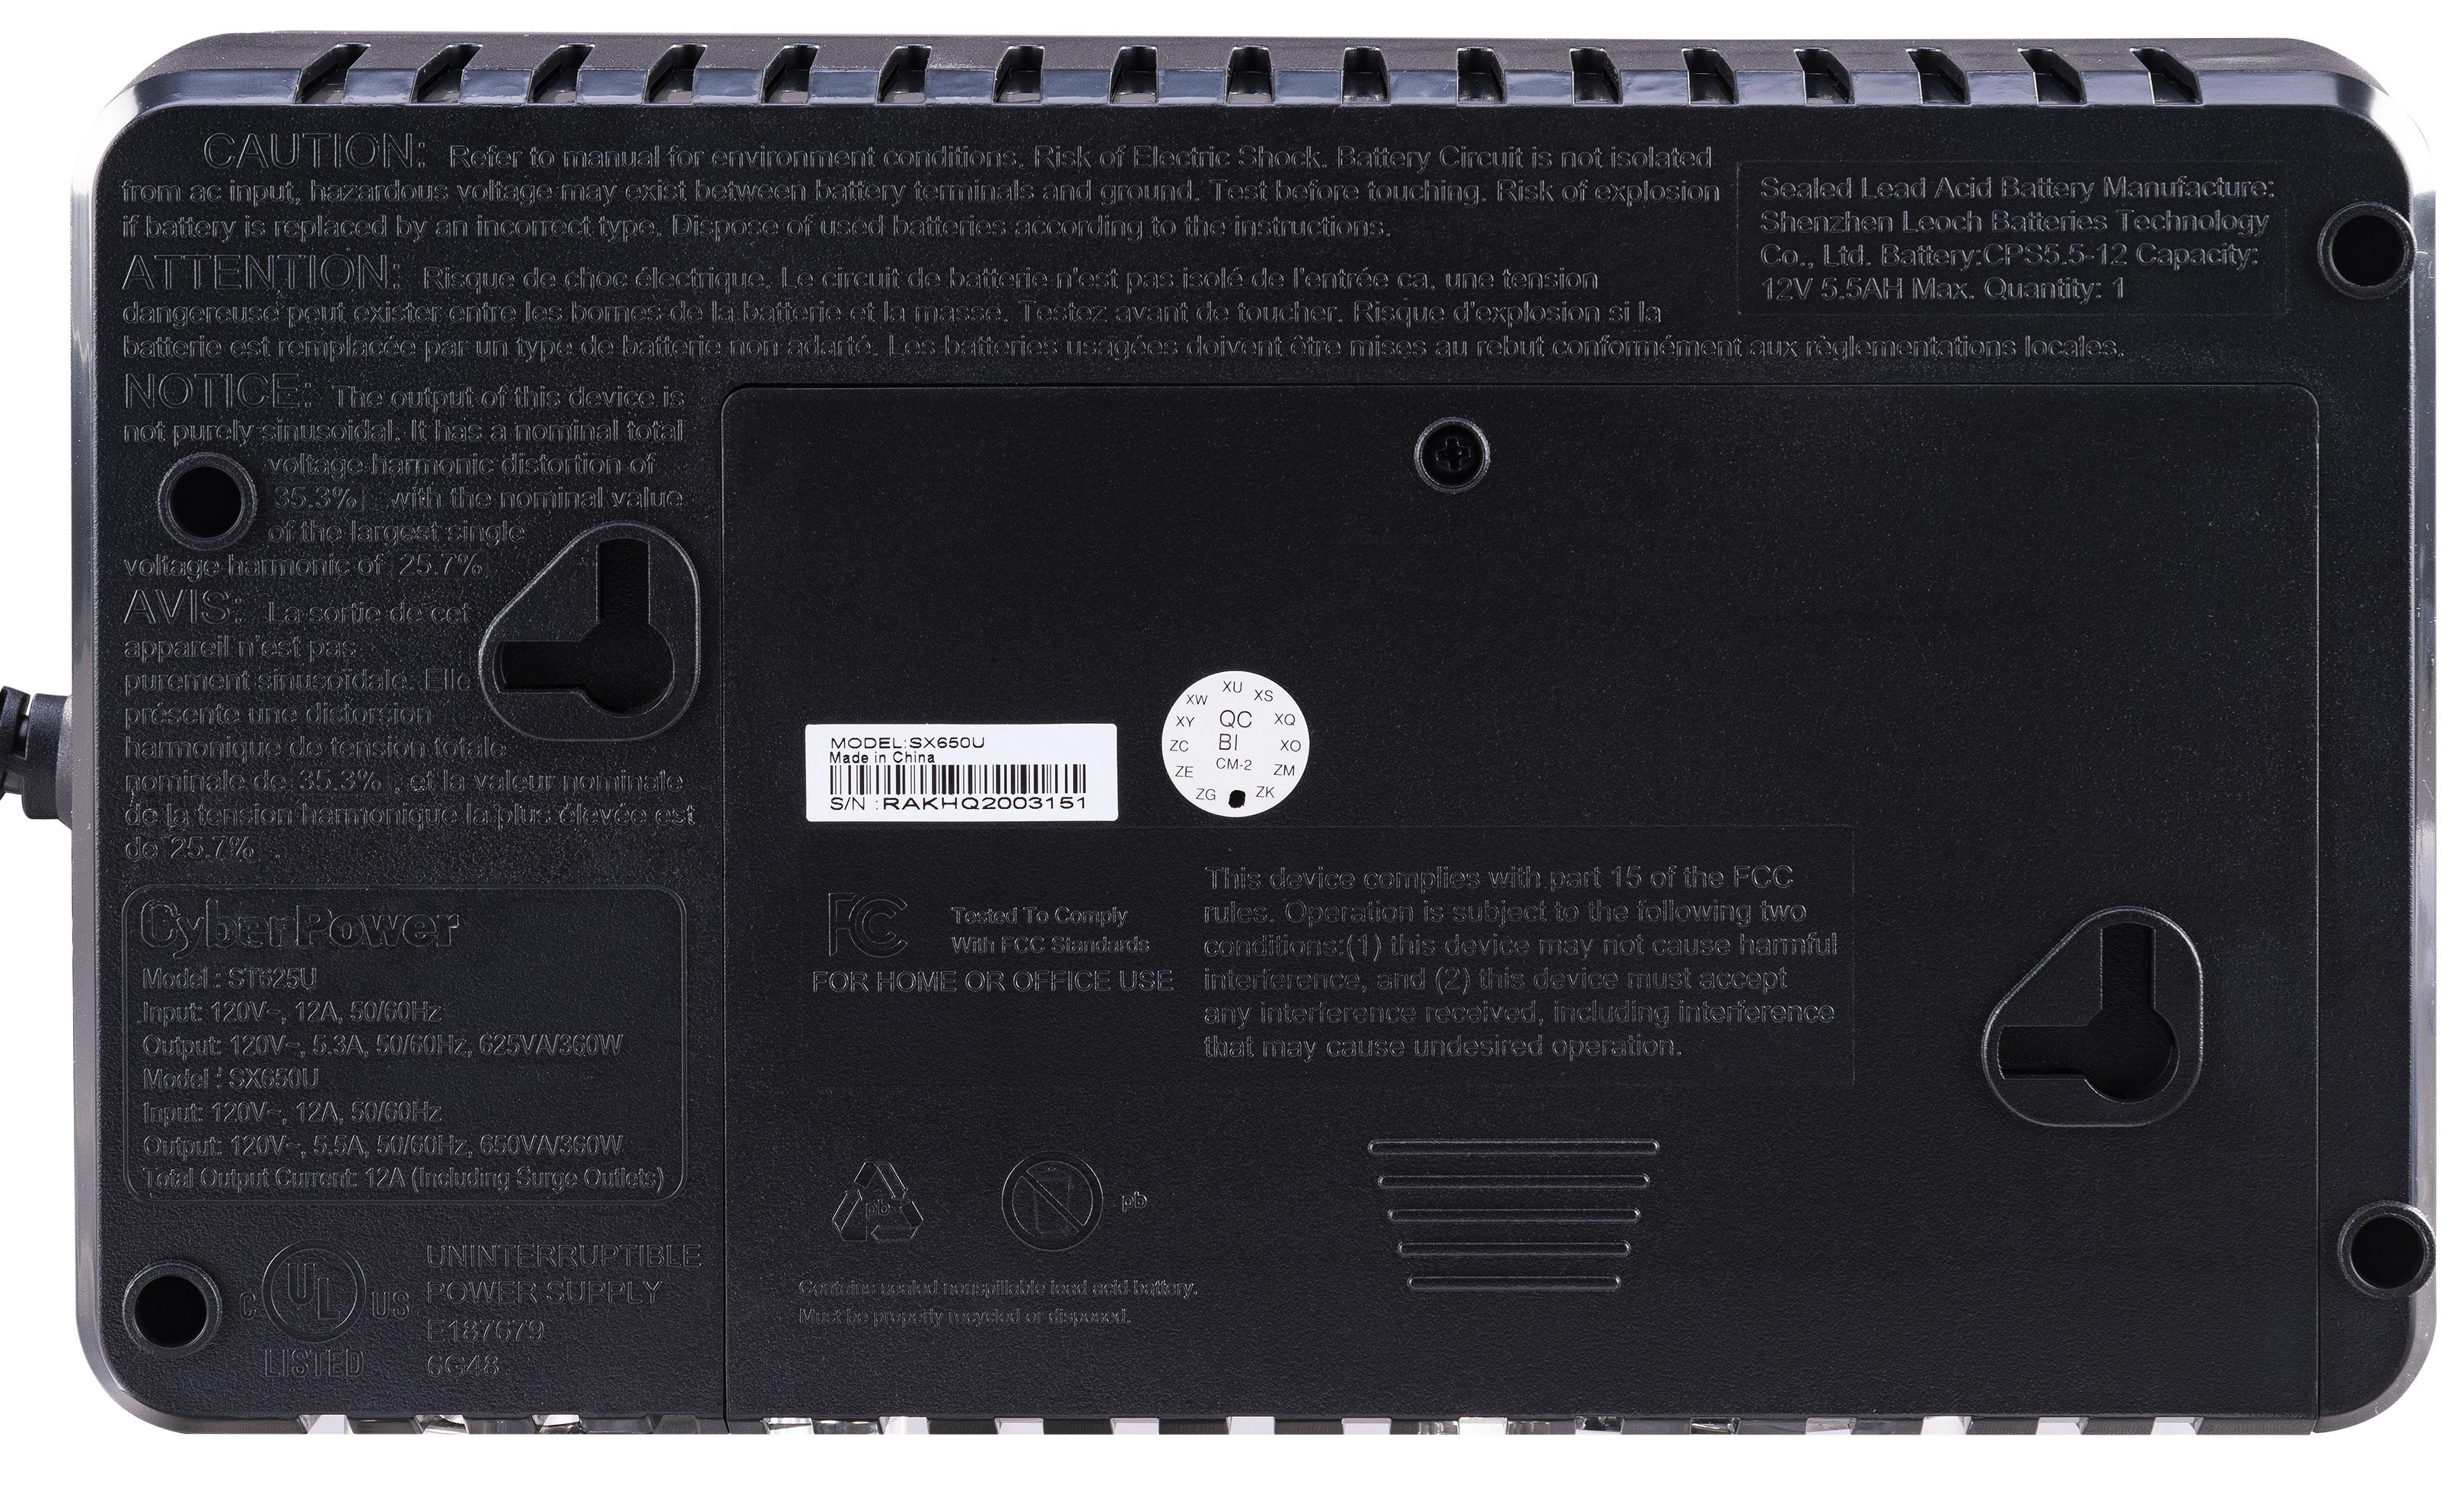 SX650U Serial Number